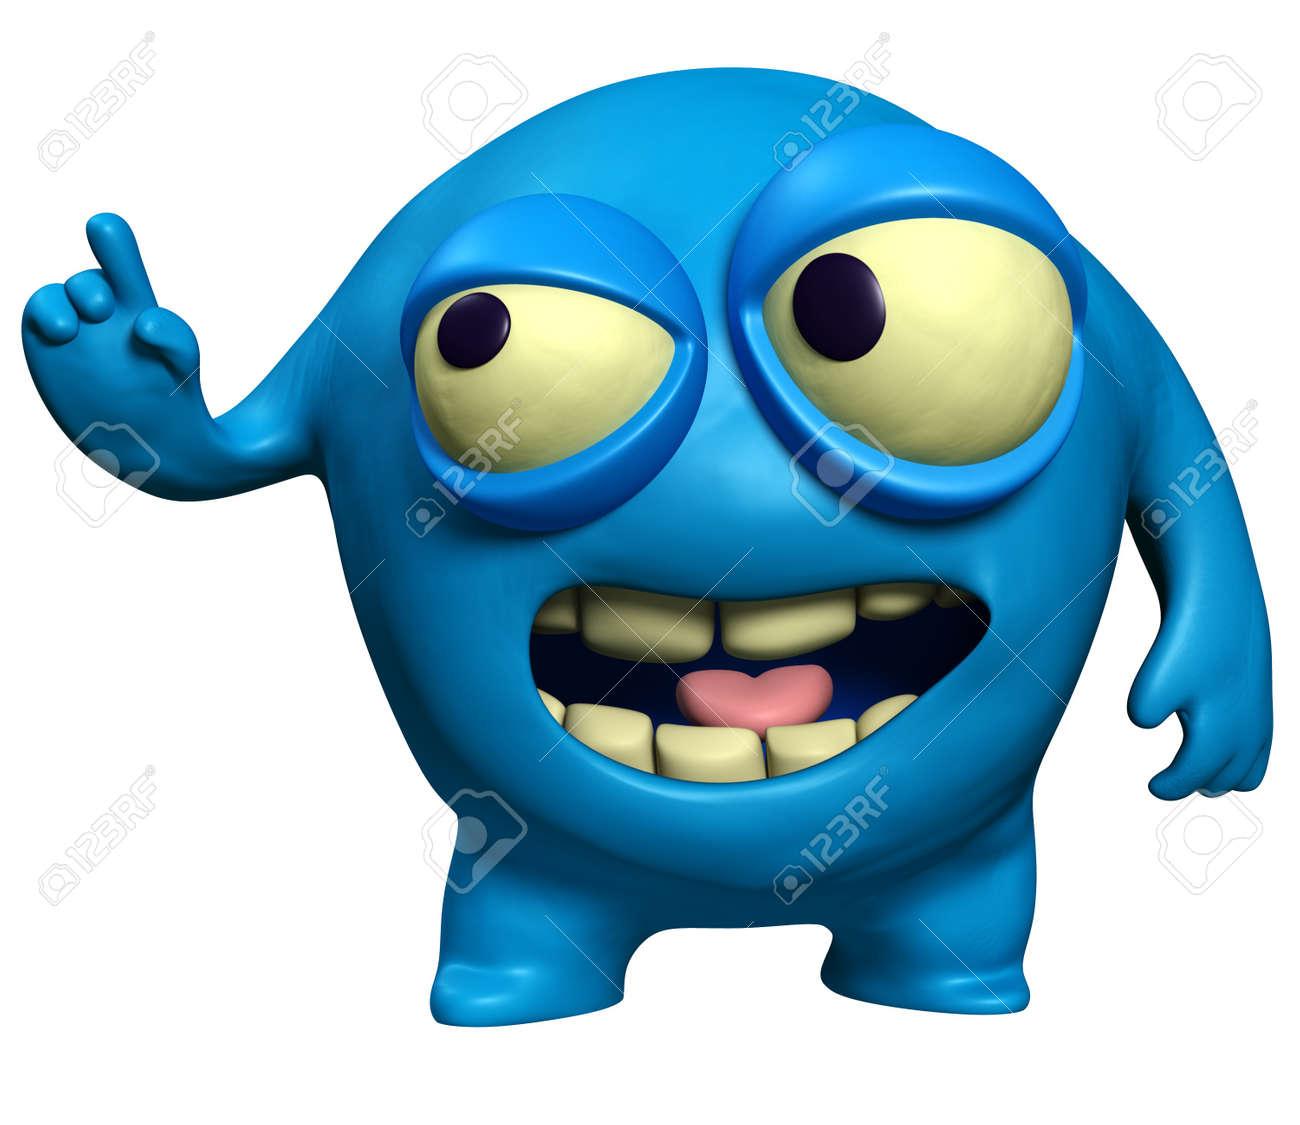 3d cartoon blue virus Stock Photo - 15731958